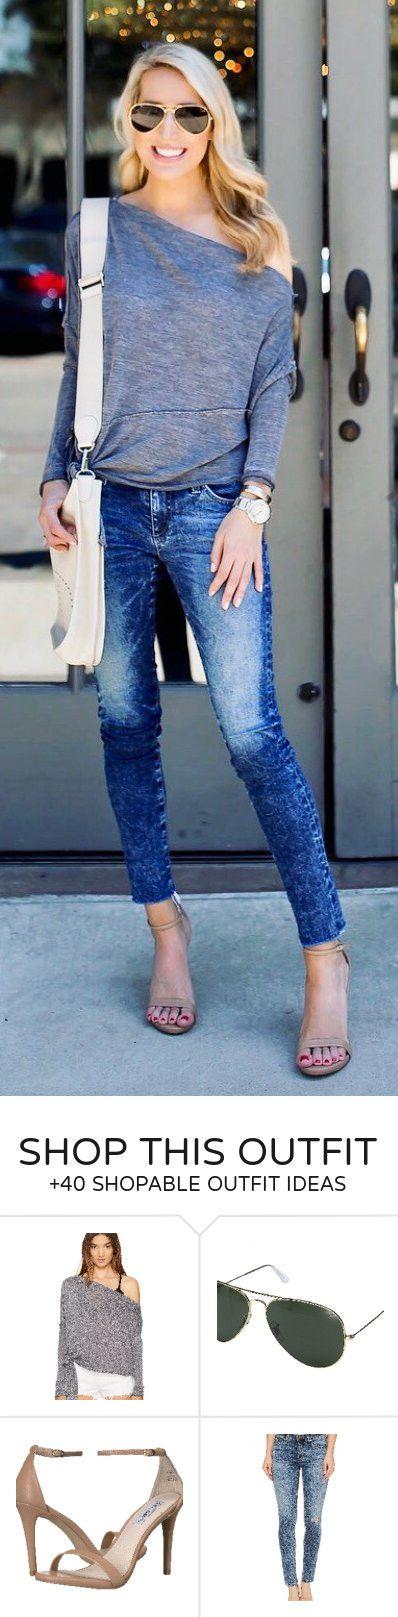 #summer #outfits  Grey One Shoulder Top + Navy Skinny Jeans + Nude Sandals + White Shoulder Bag